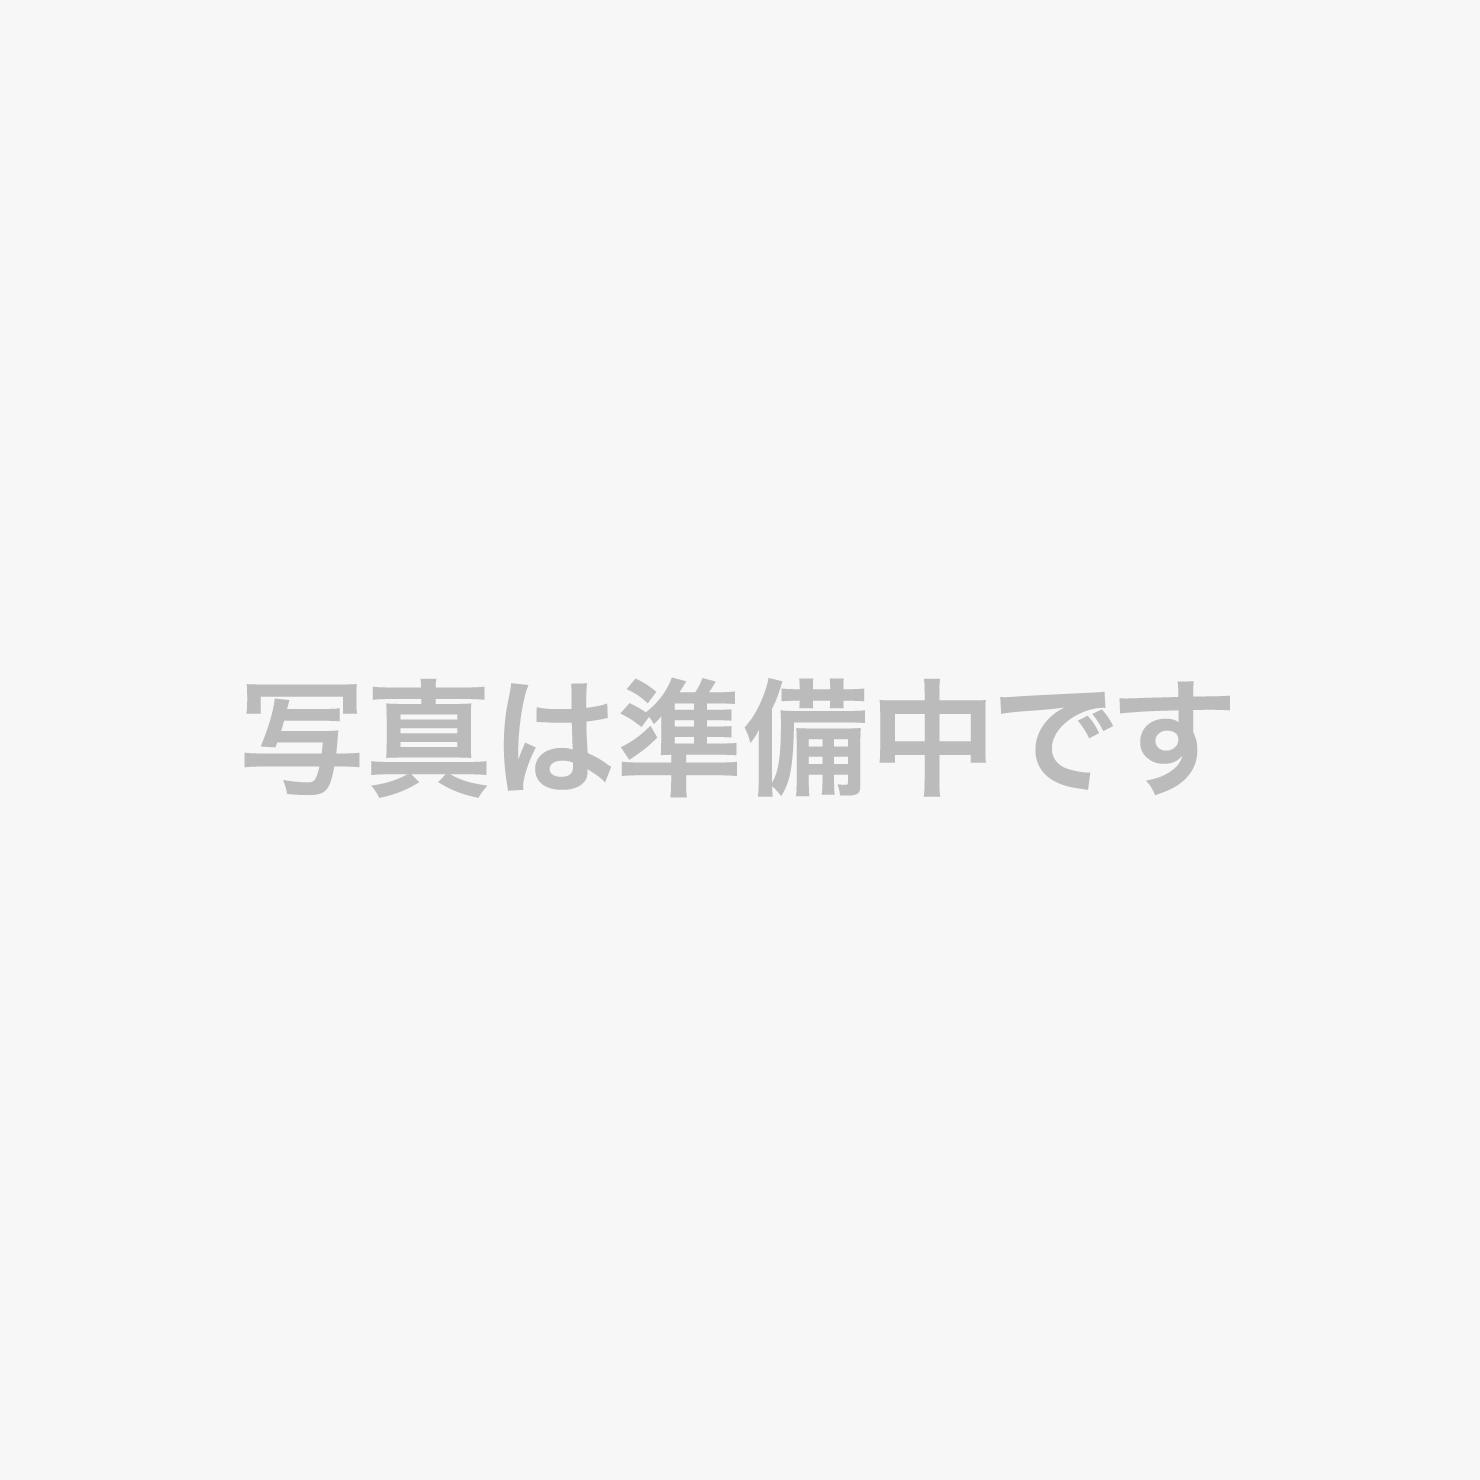 グランヴィアフロア(14・15F)及びセミスイート以上にお泊りのお客様専用の「グランヴィアラウンジ」。京都の眺望とともに豊富な種類のドリンクをお楽しみいただけます。24時間いつでもご利用いただけるパソコンをご用意したSOHO DESKもございます。